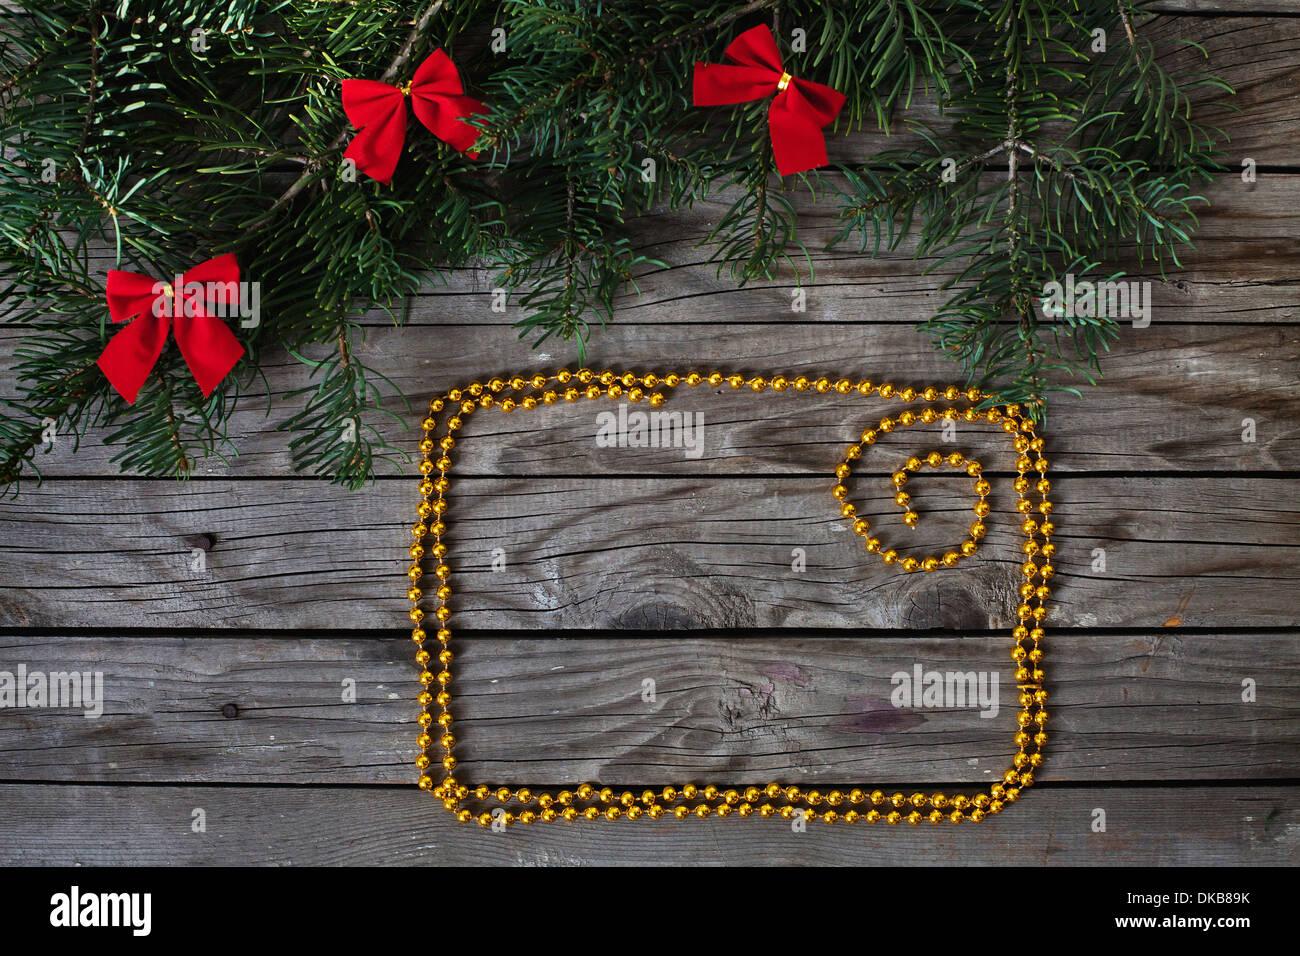 golden frame for christmas greetings - Stock Image